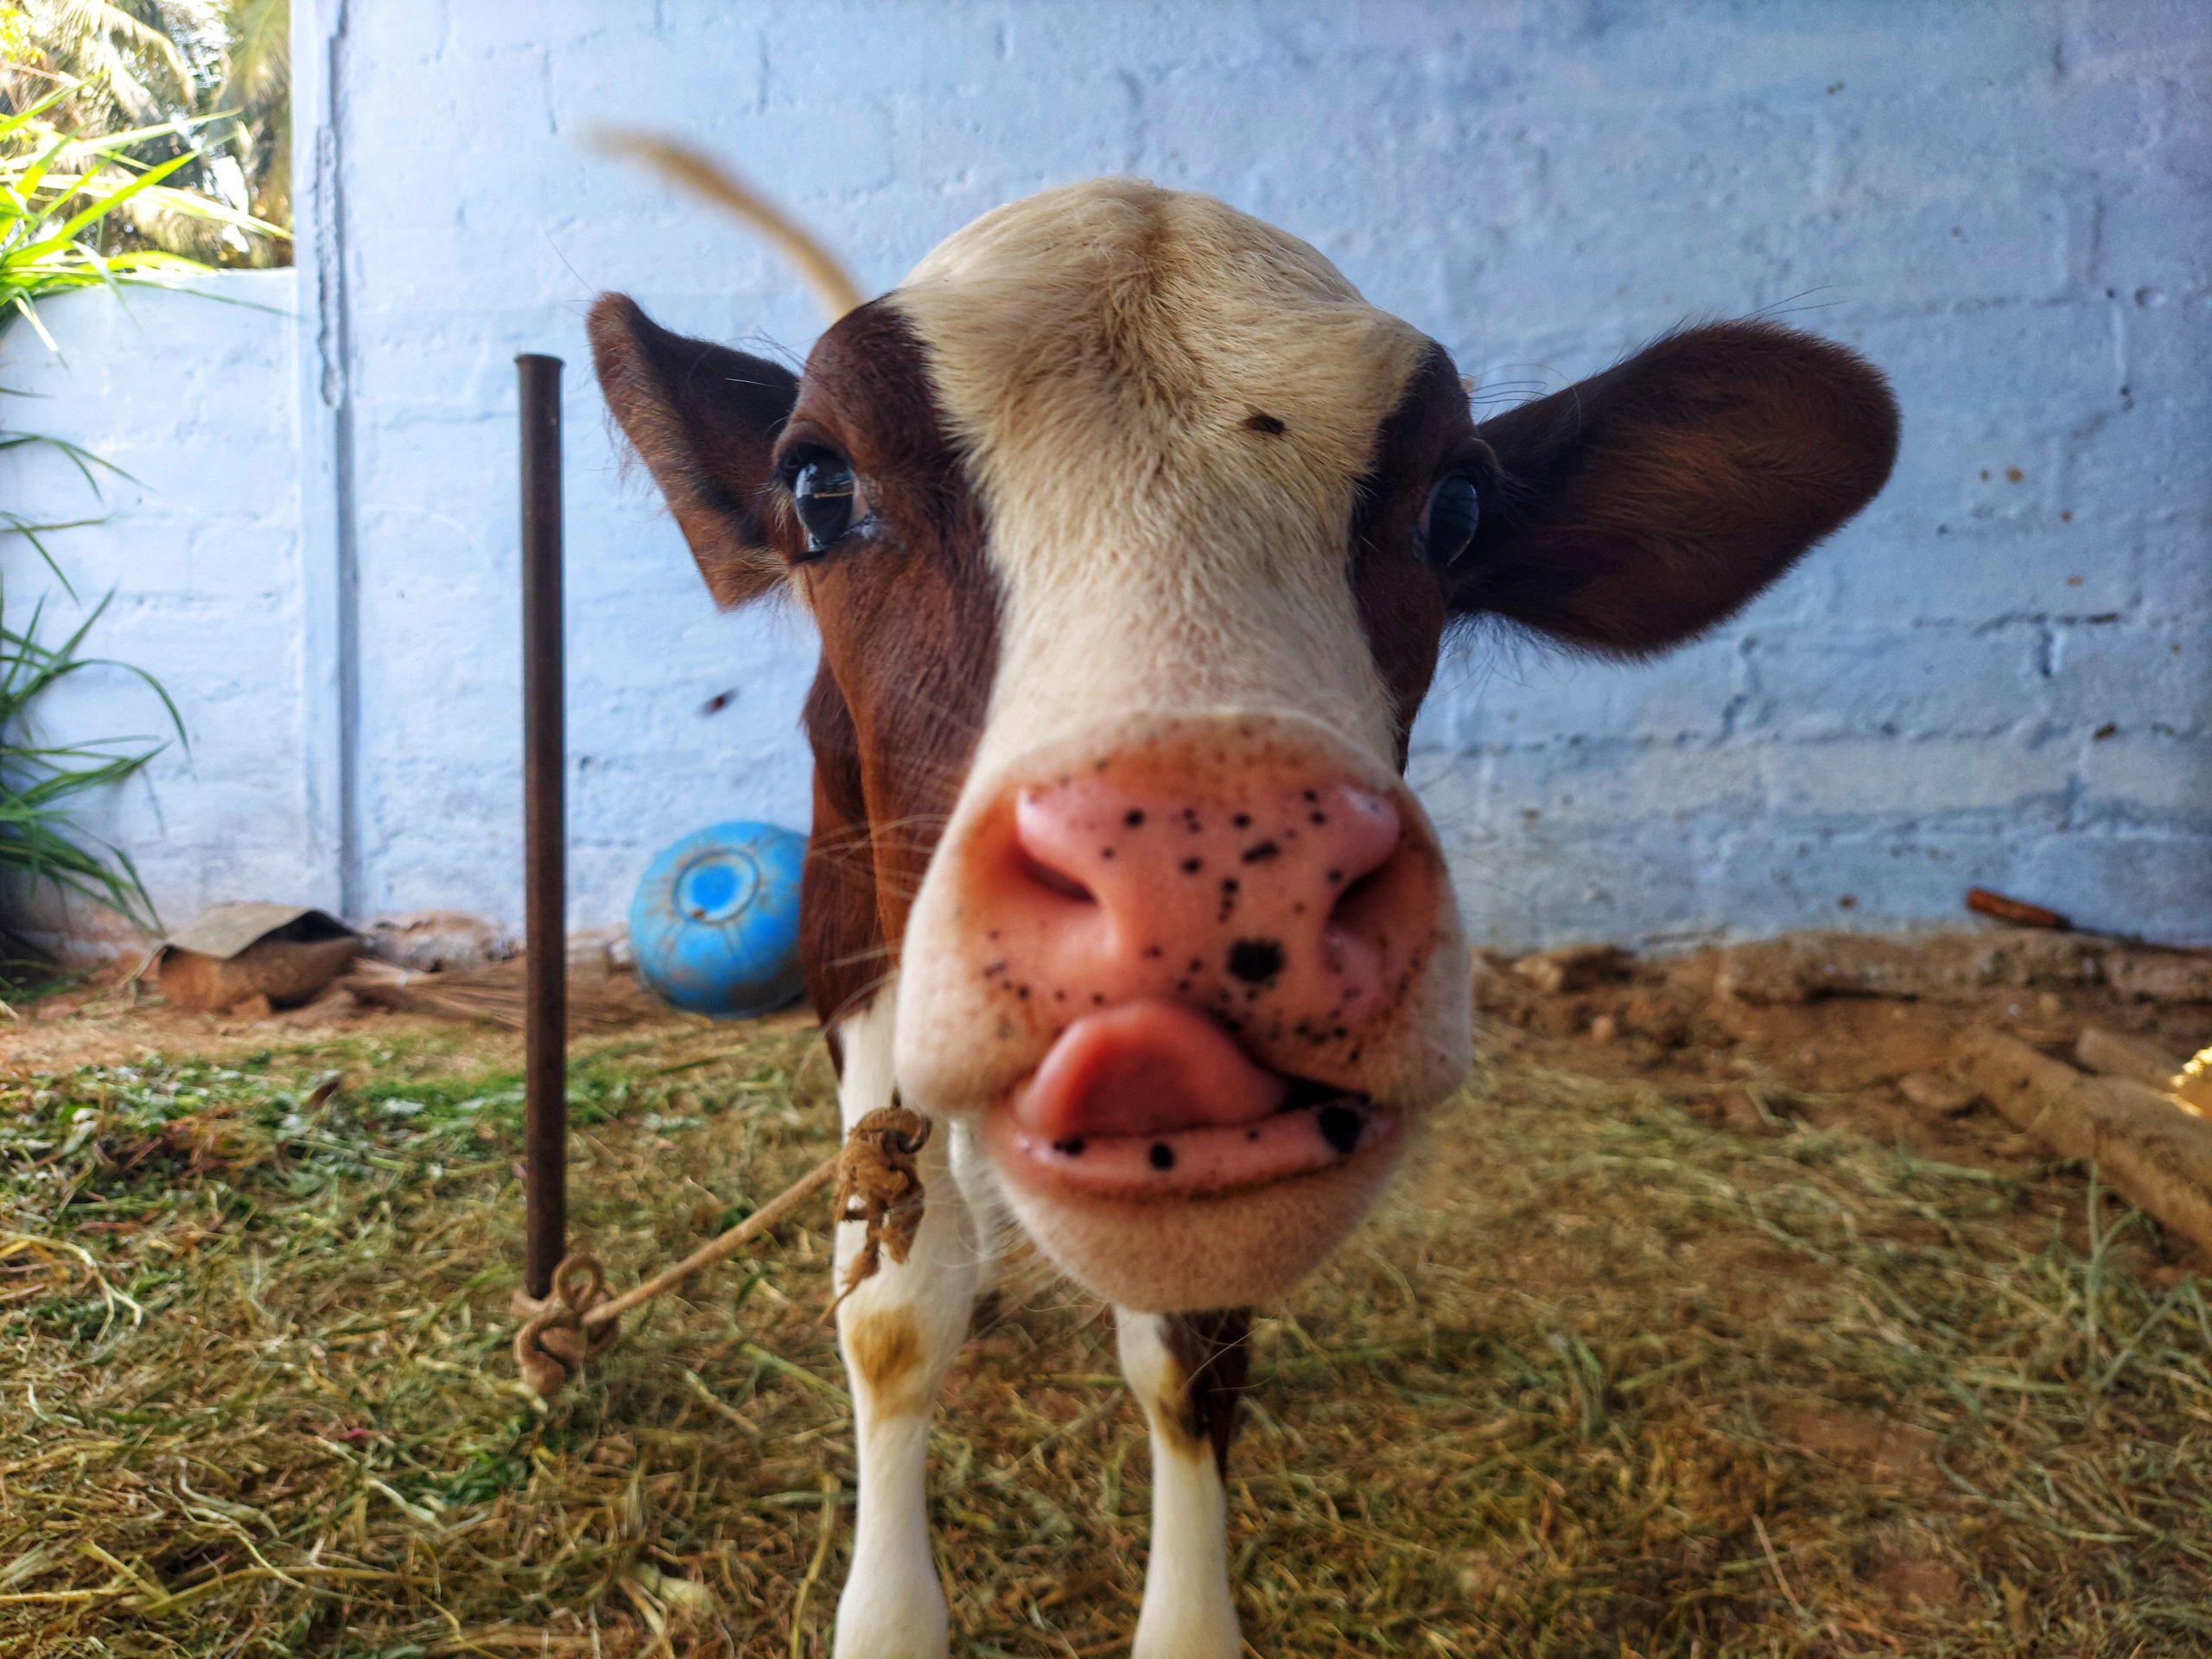 Calf of a cow